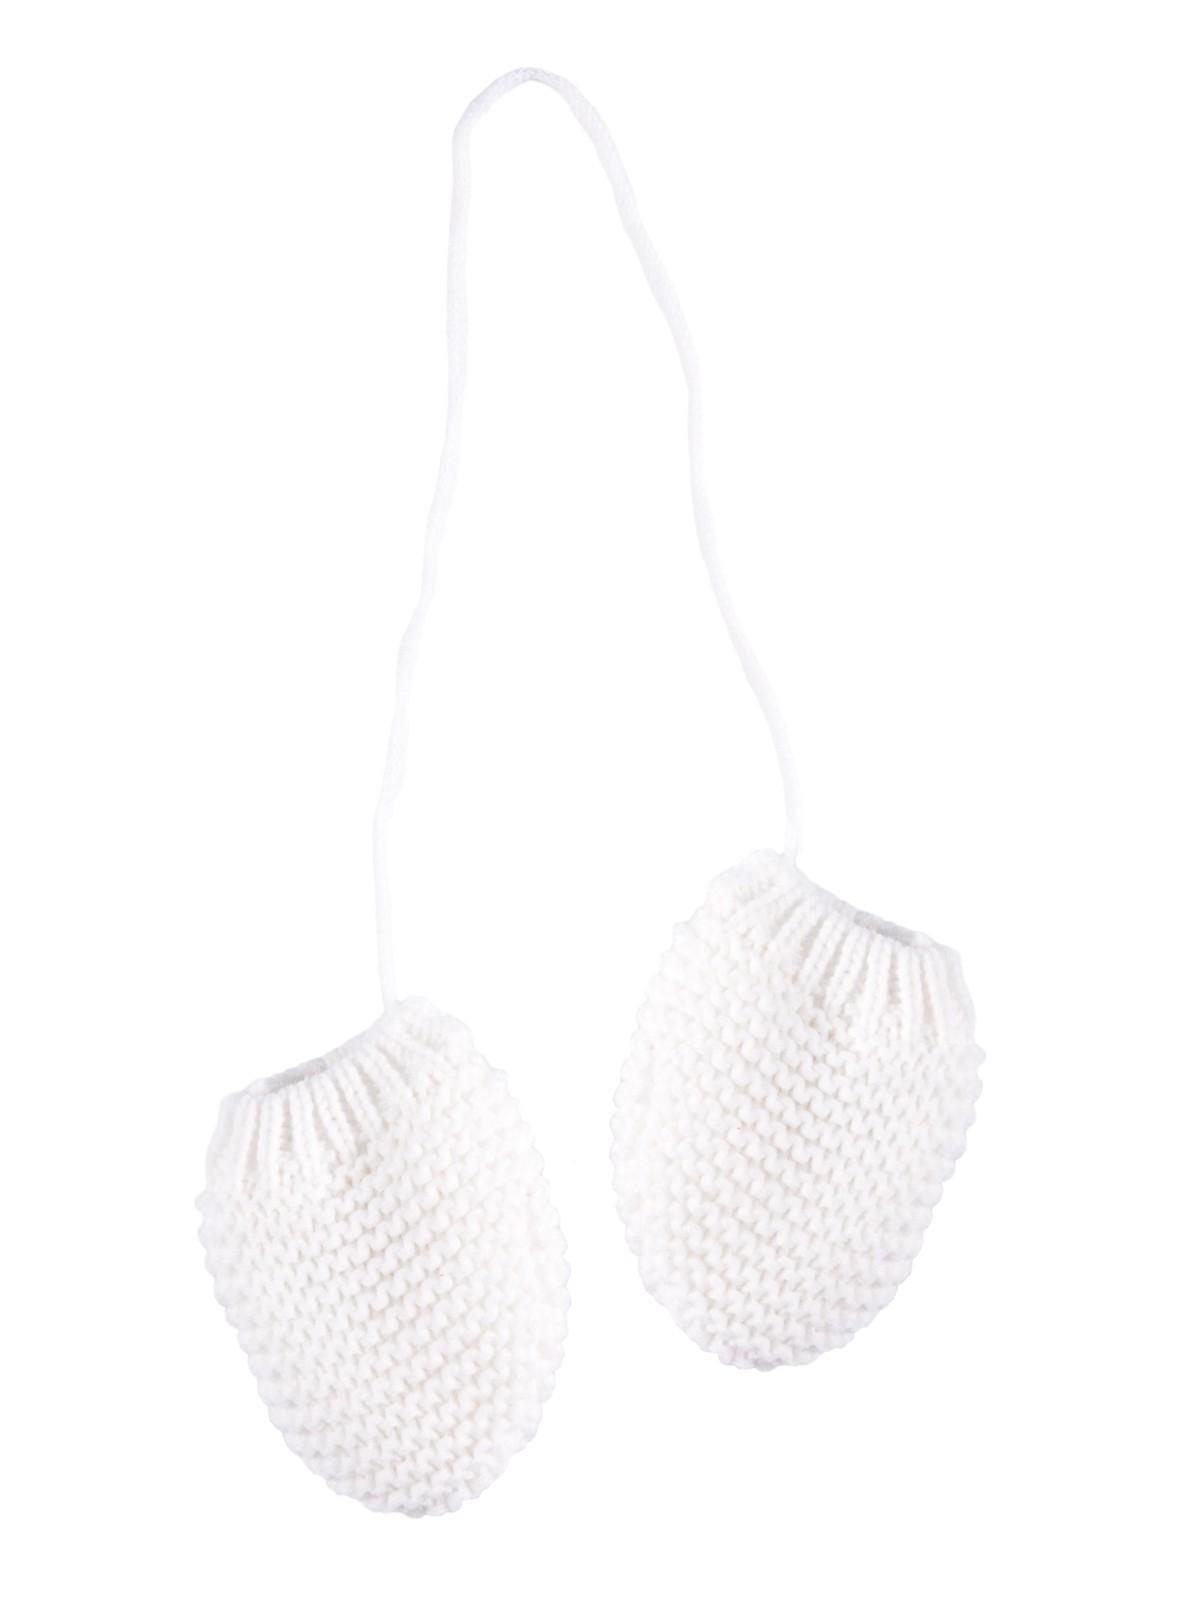 a193389e1b8c Moufles avec cordon pour bébé - DistriCenter